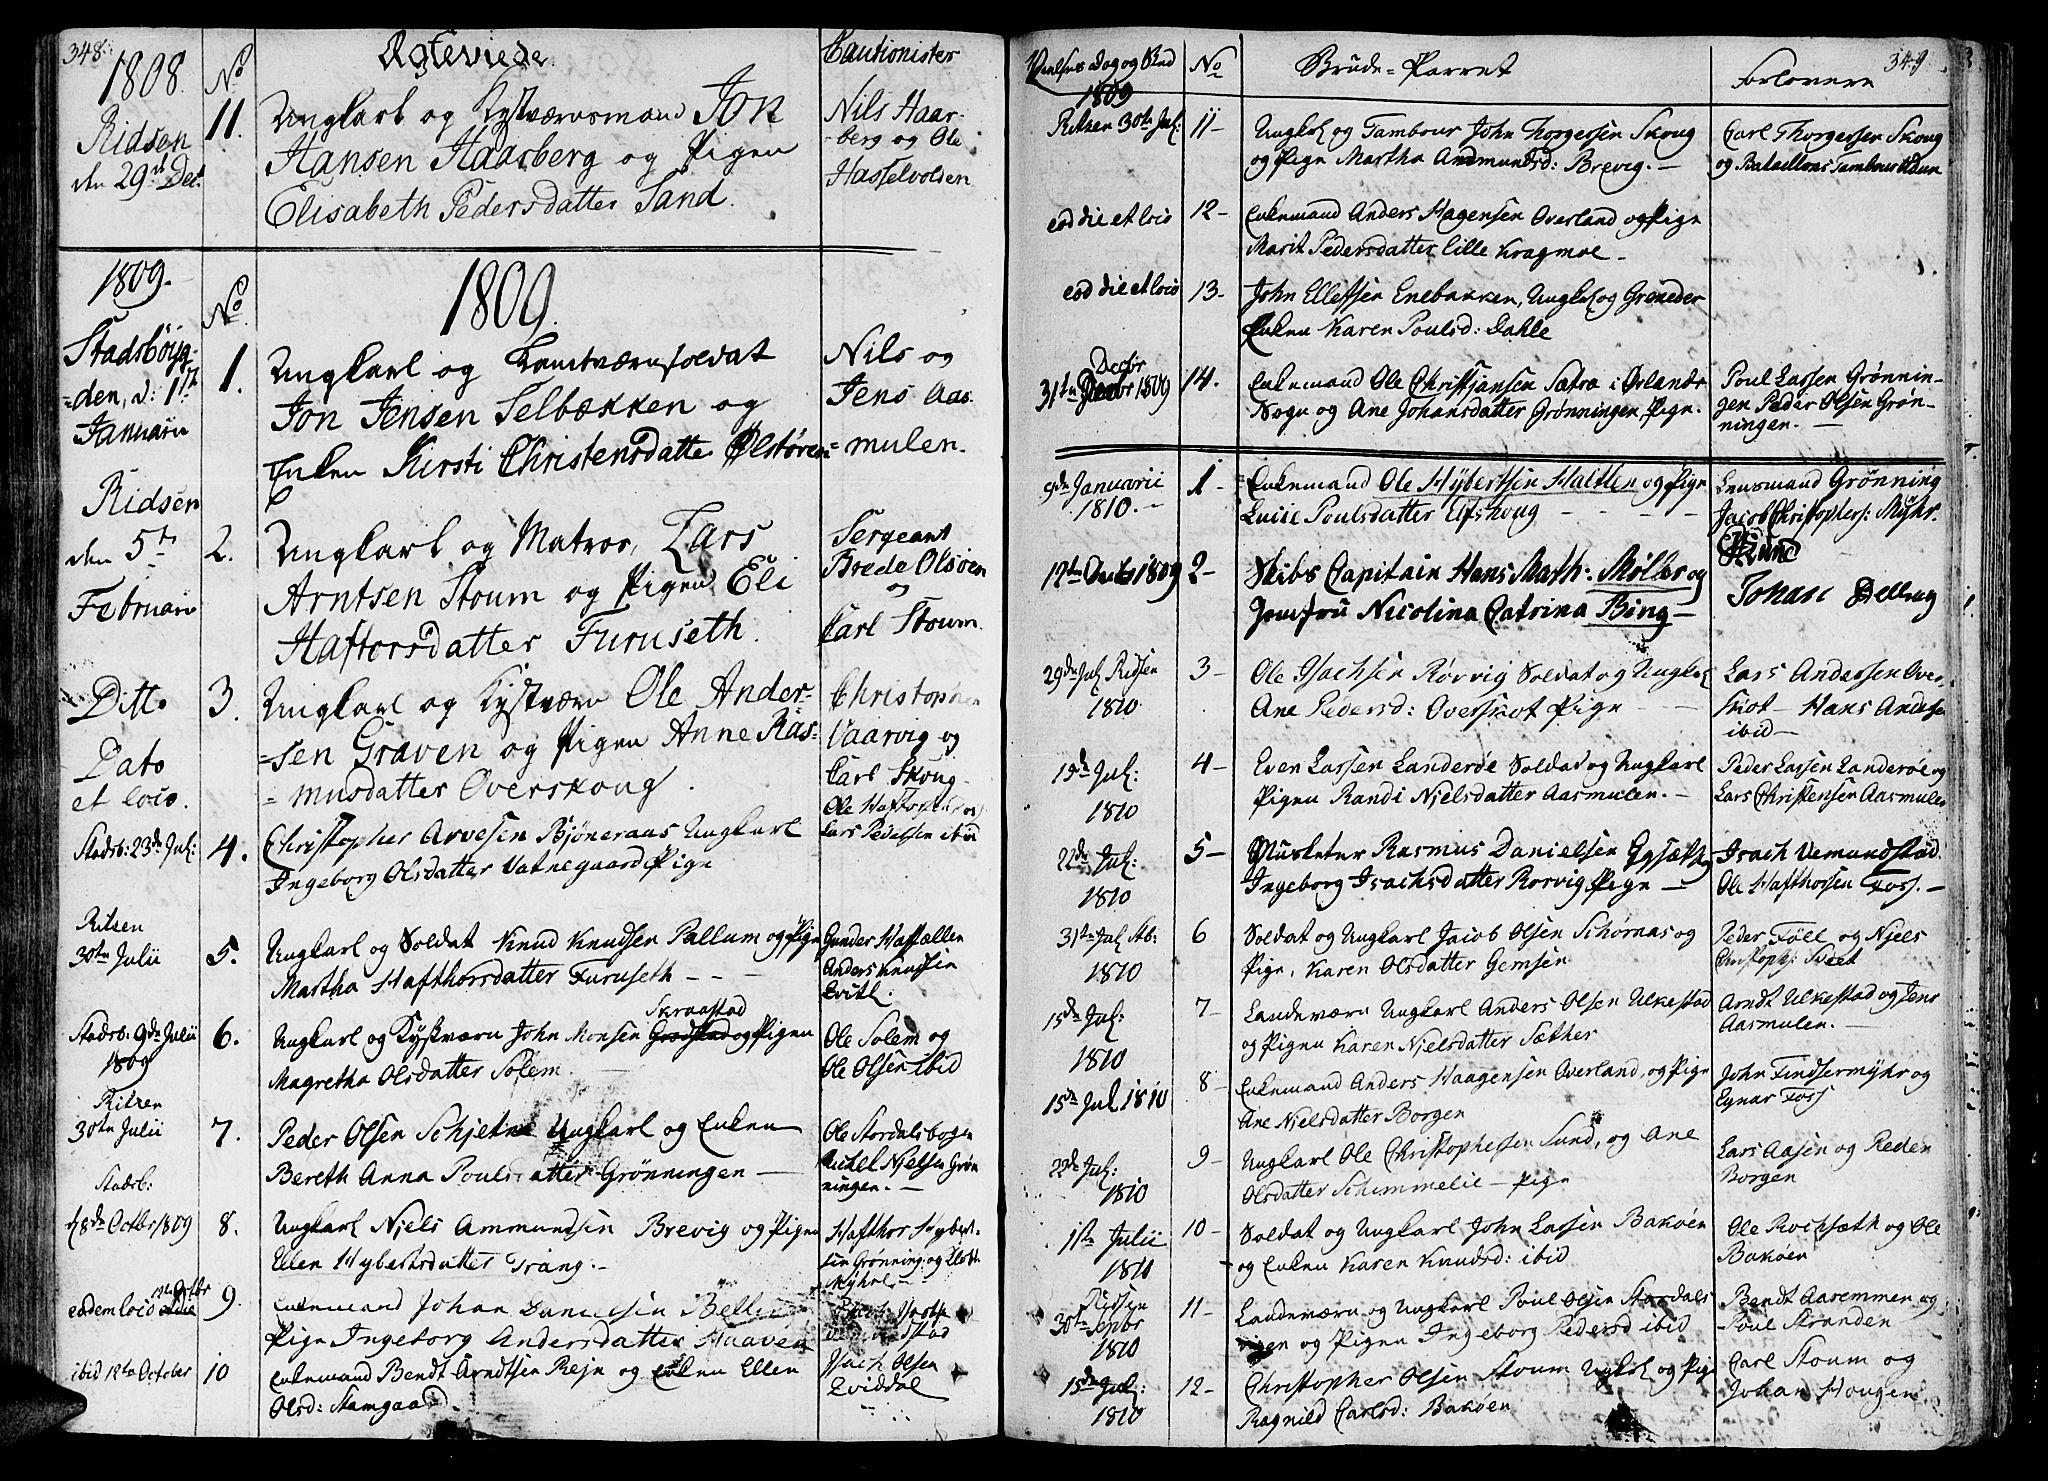 SAT, Ministerialprotokoller, klokkerbøker og fødselsregistre - Sør-Trøndelag, 646/L0607: Ministerialbok nr. 646A05, 1806-1815, s. 348-349